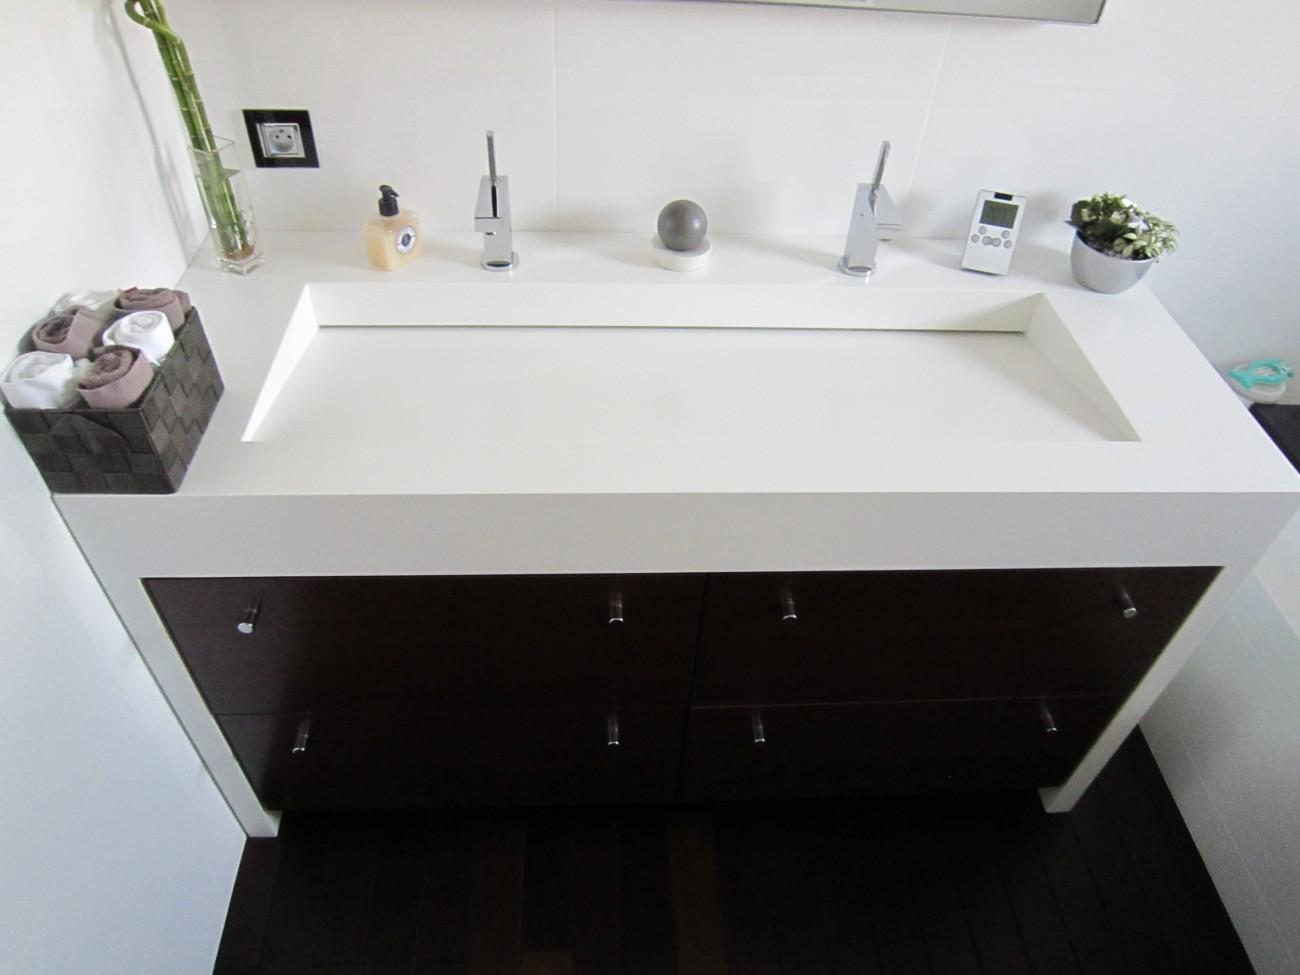 tipos de lavabos seg n su material y tipolog a